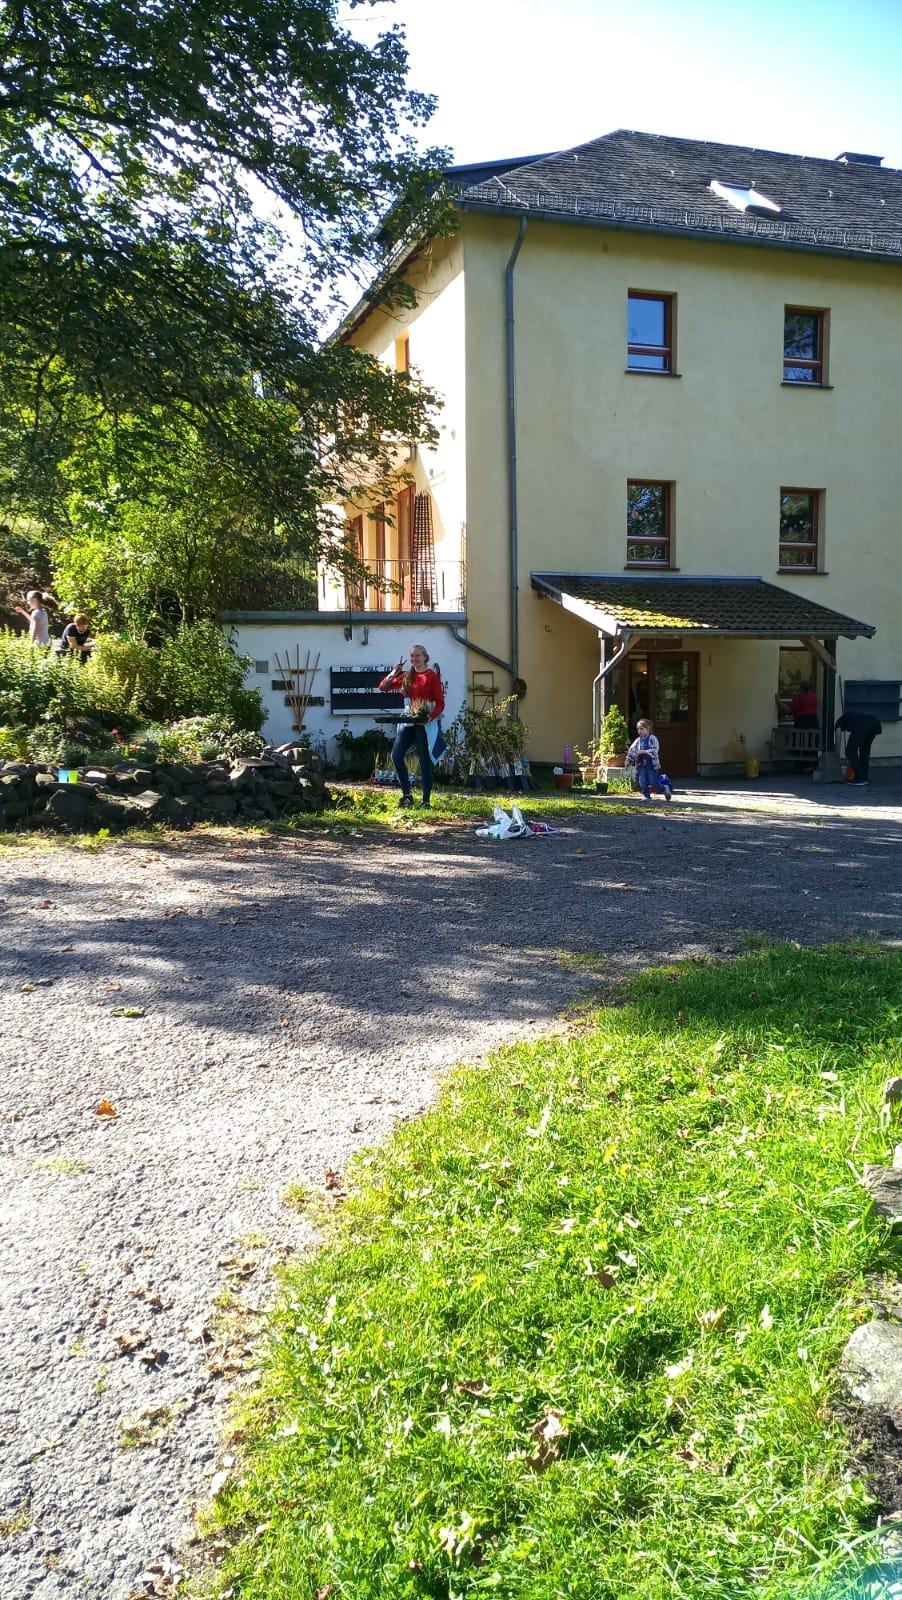 2019-09-14-Werksamstag-13